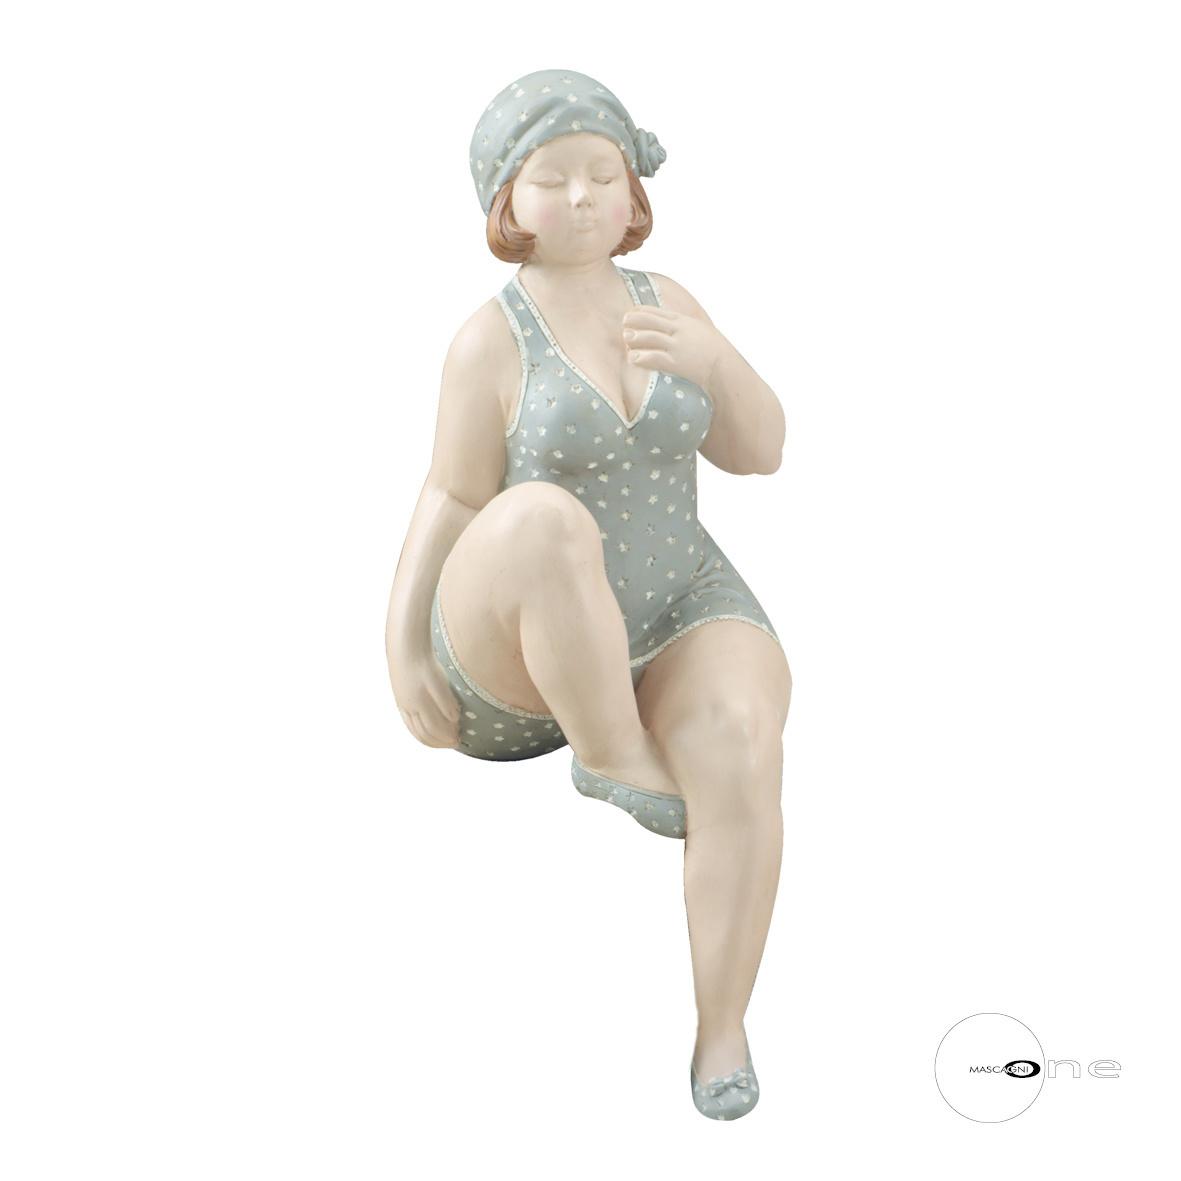 Art Mascagni O760 FIGURE